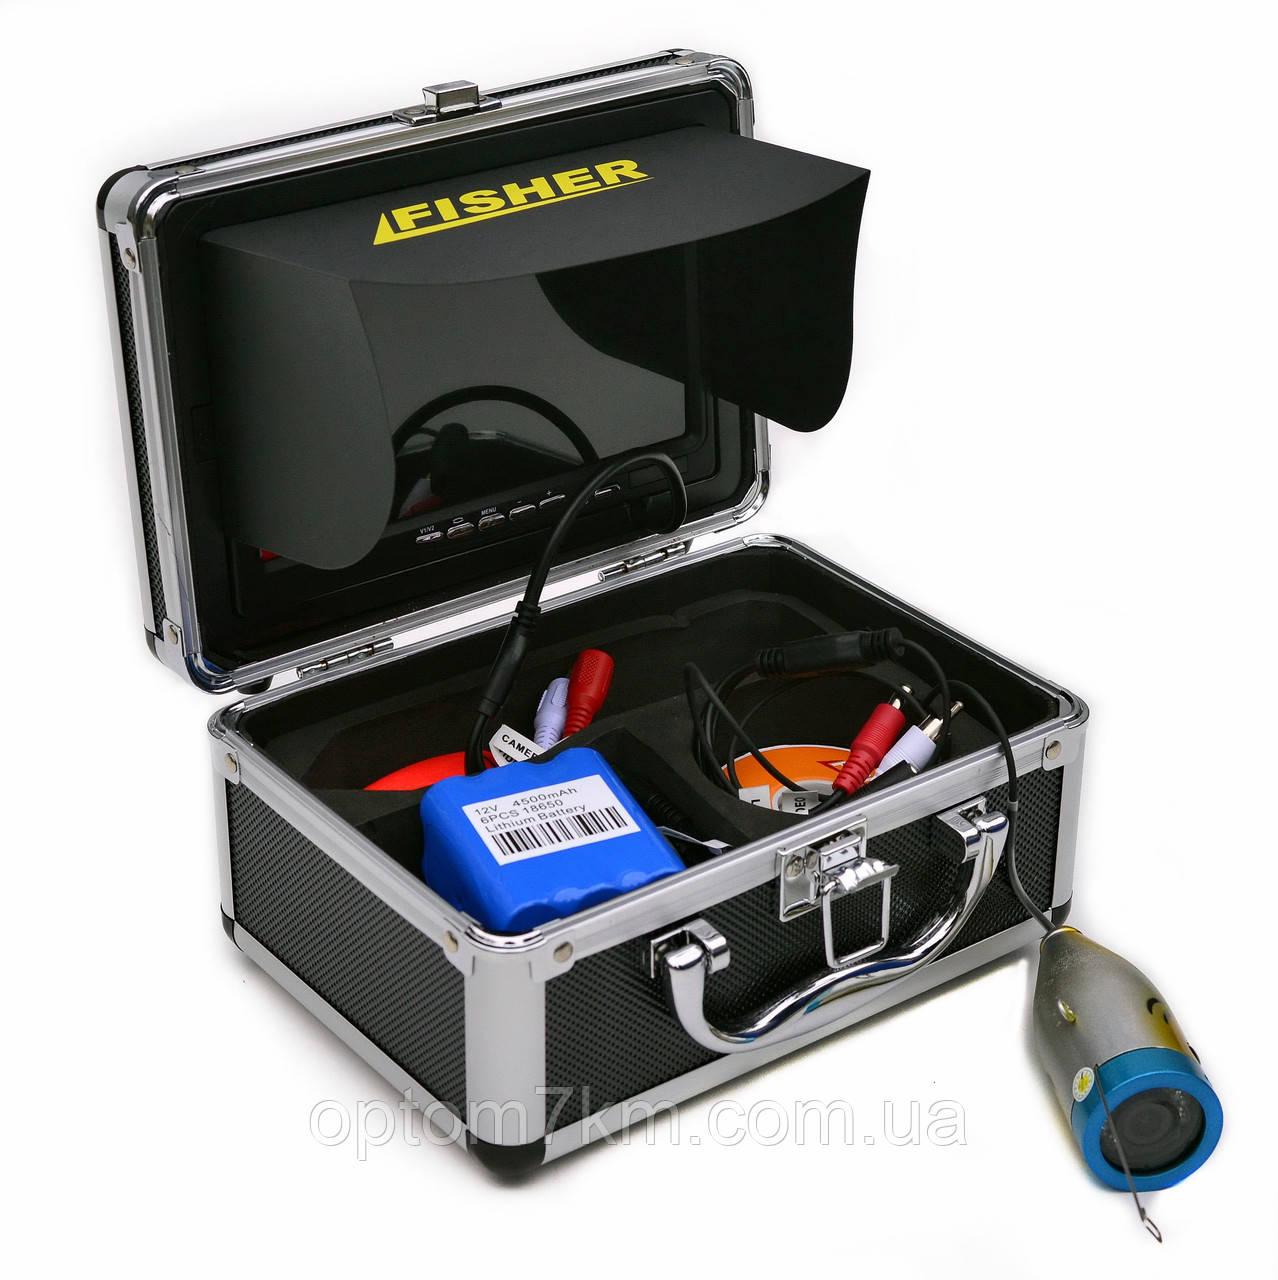 Подводная камера Fisher CR110-7S кабель 15м с подключением LED